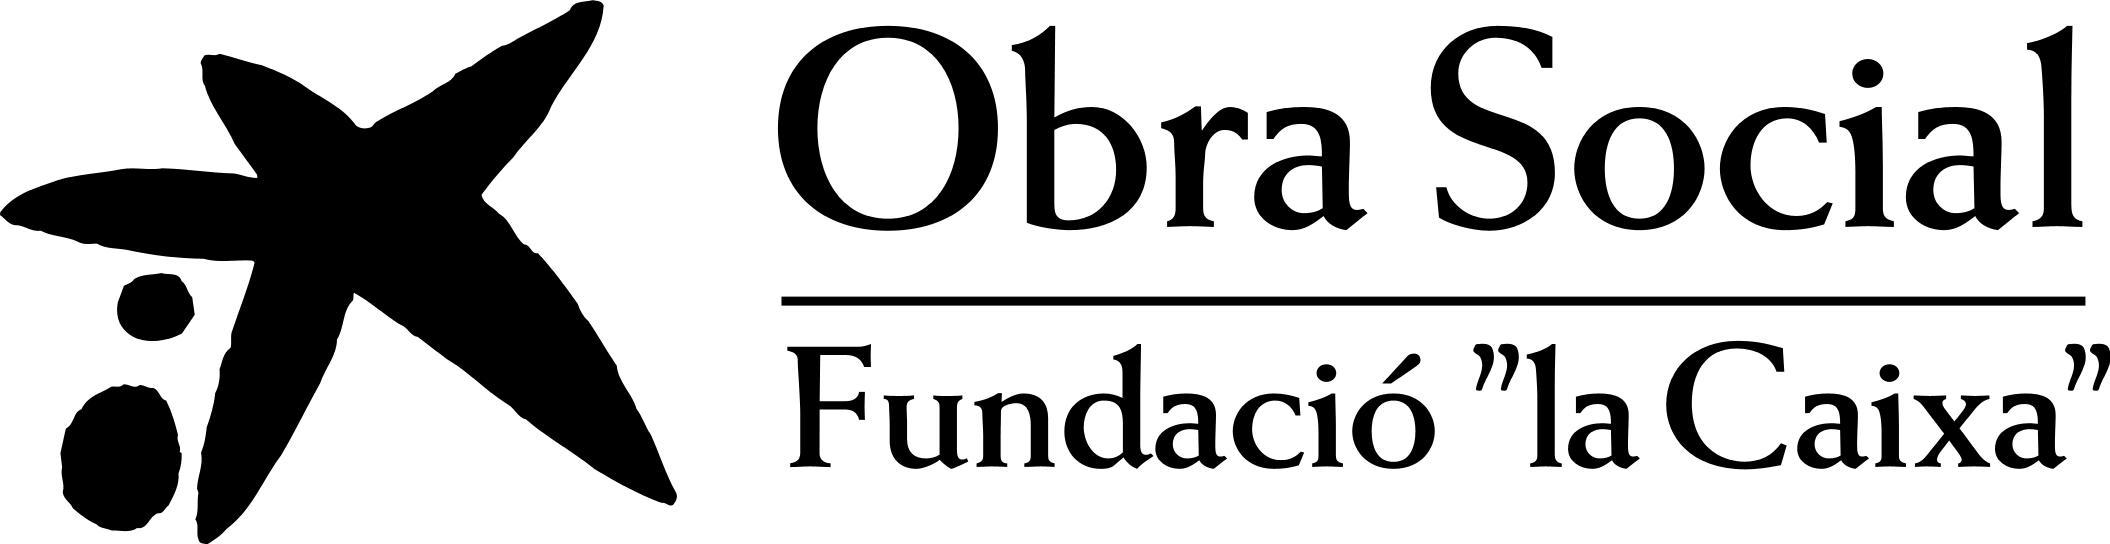 """Obra Social de la Fundació """"la Caixa"""""""